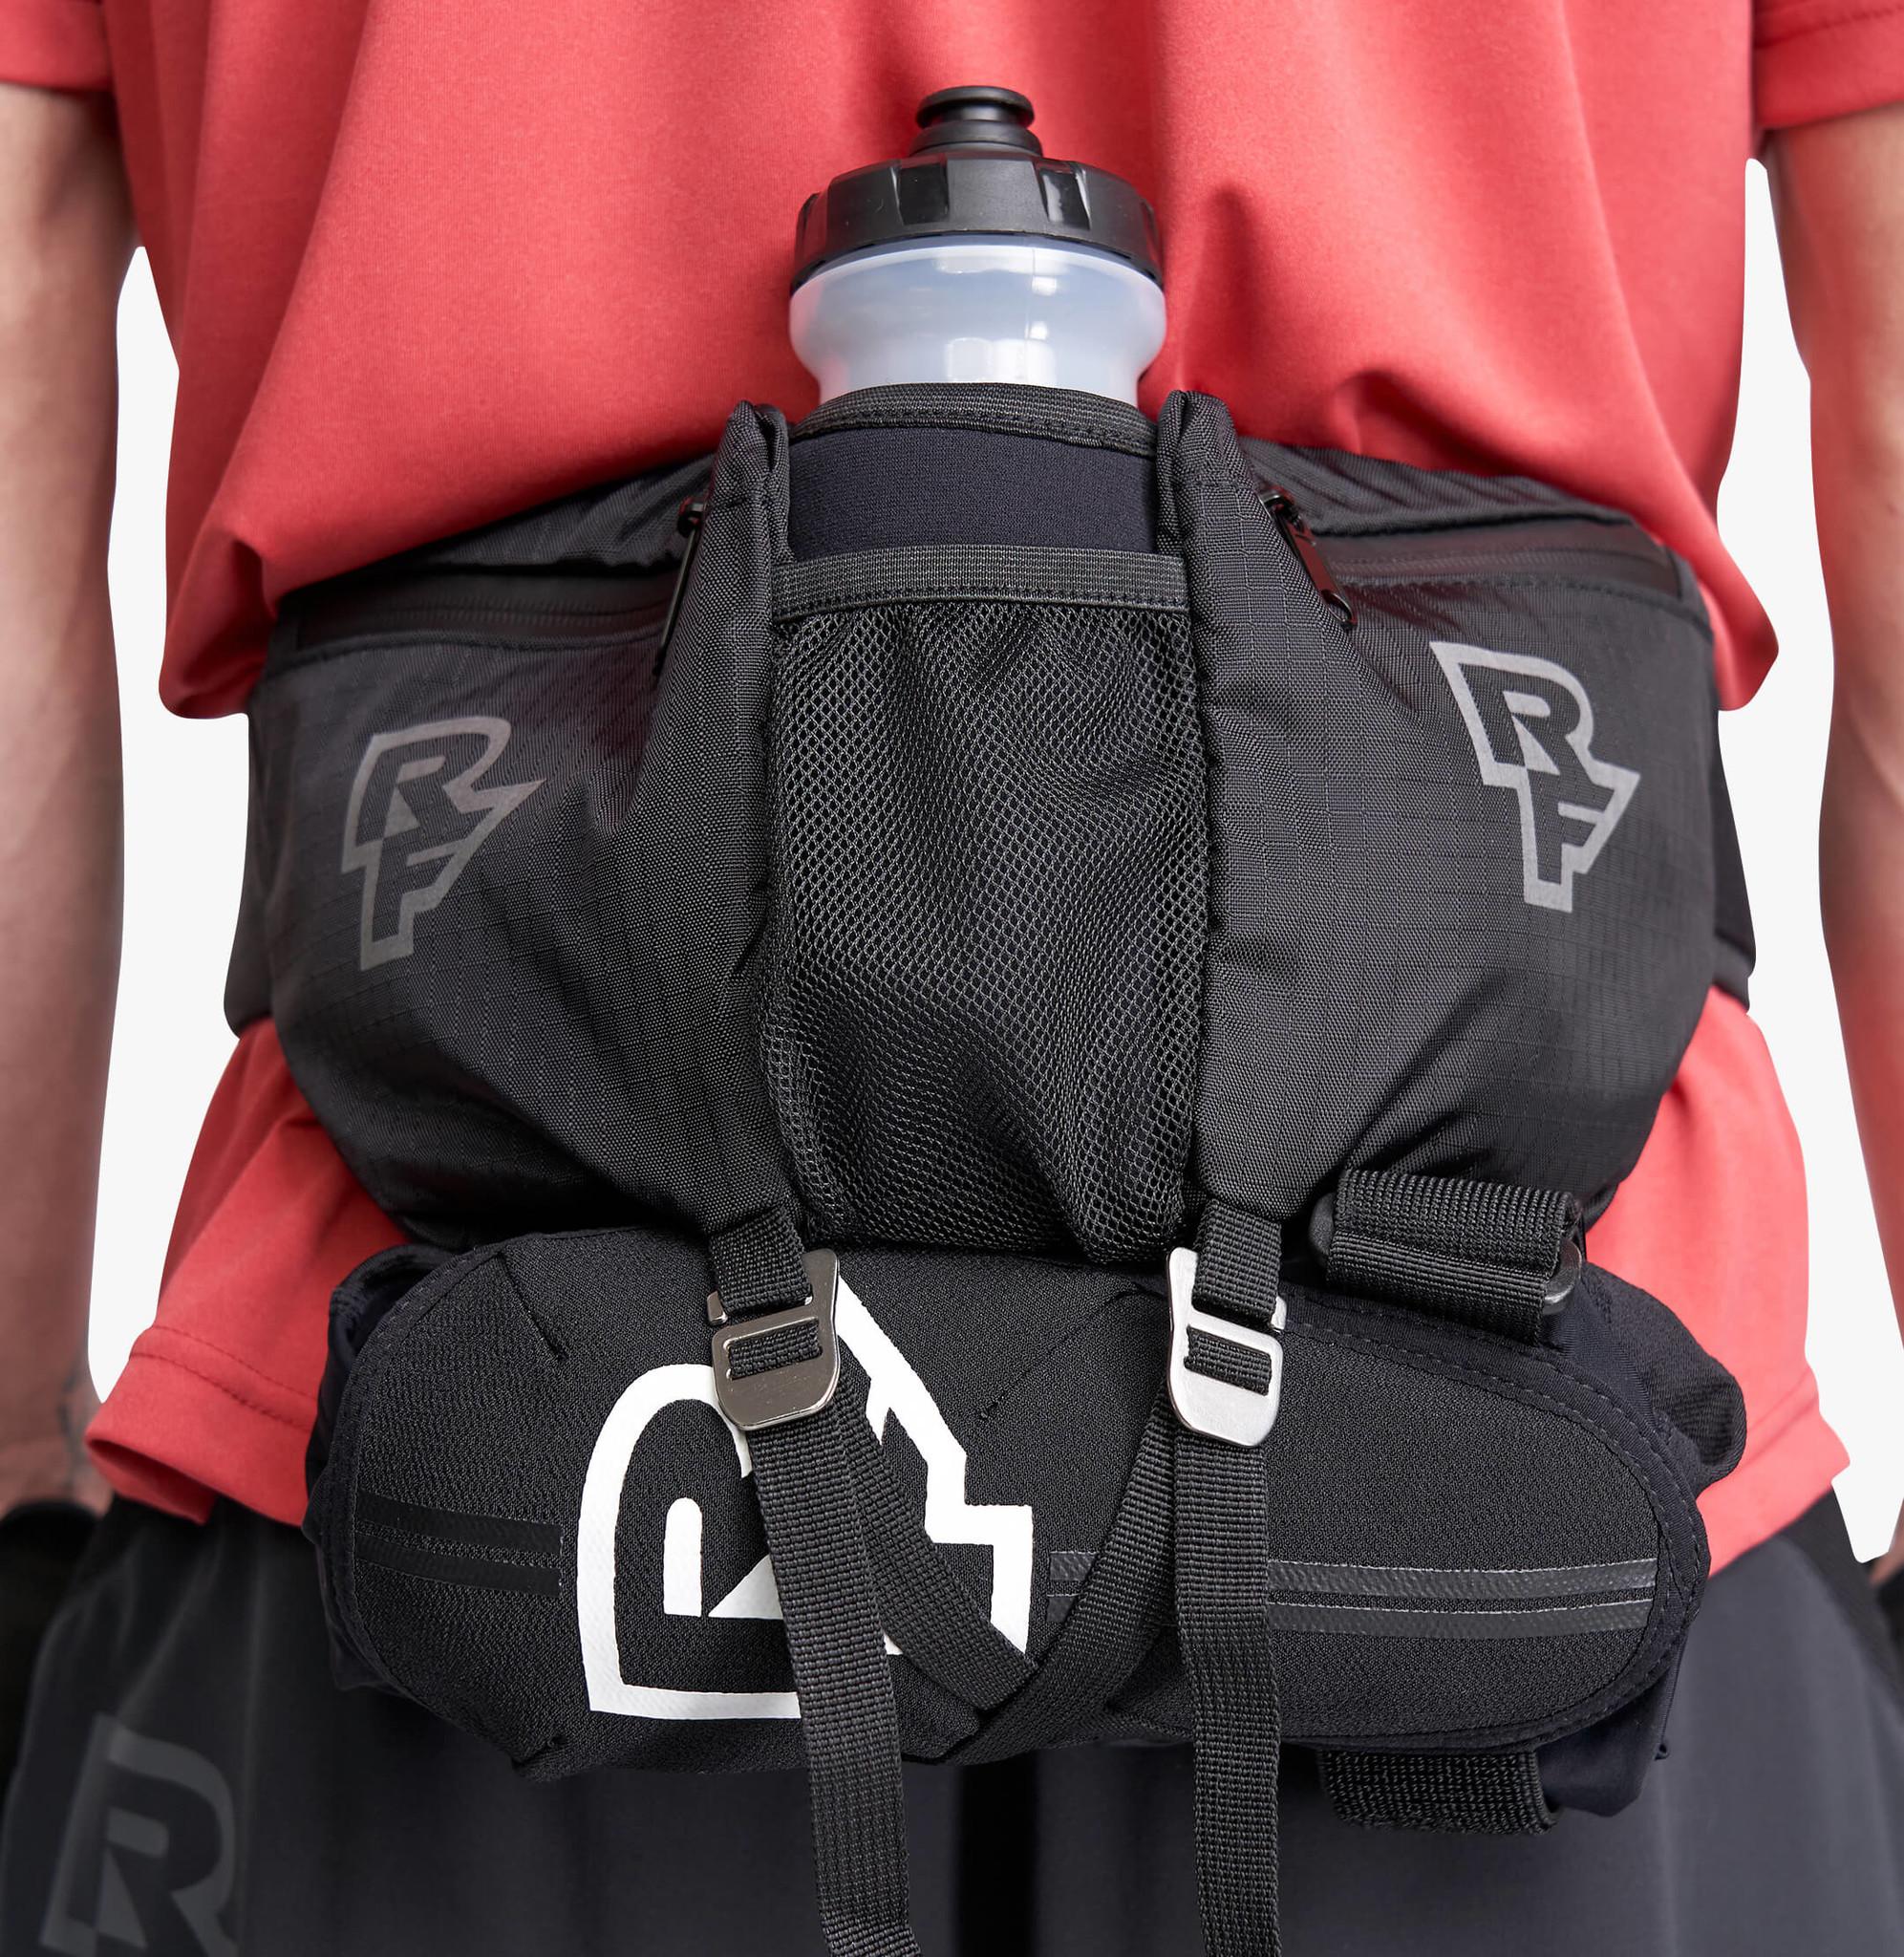 RaceFace Stash Quick Rip Bag 1.5L-5